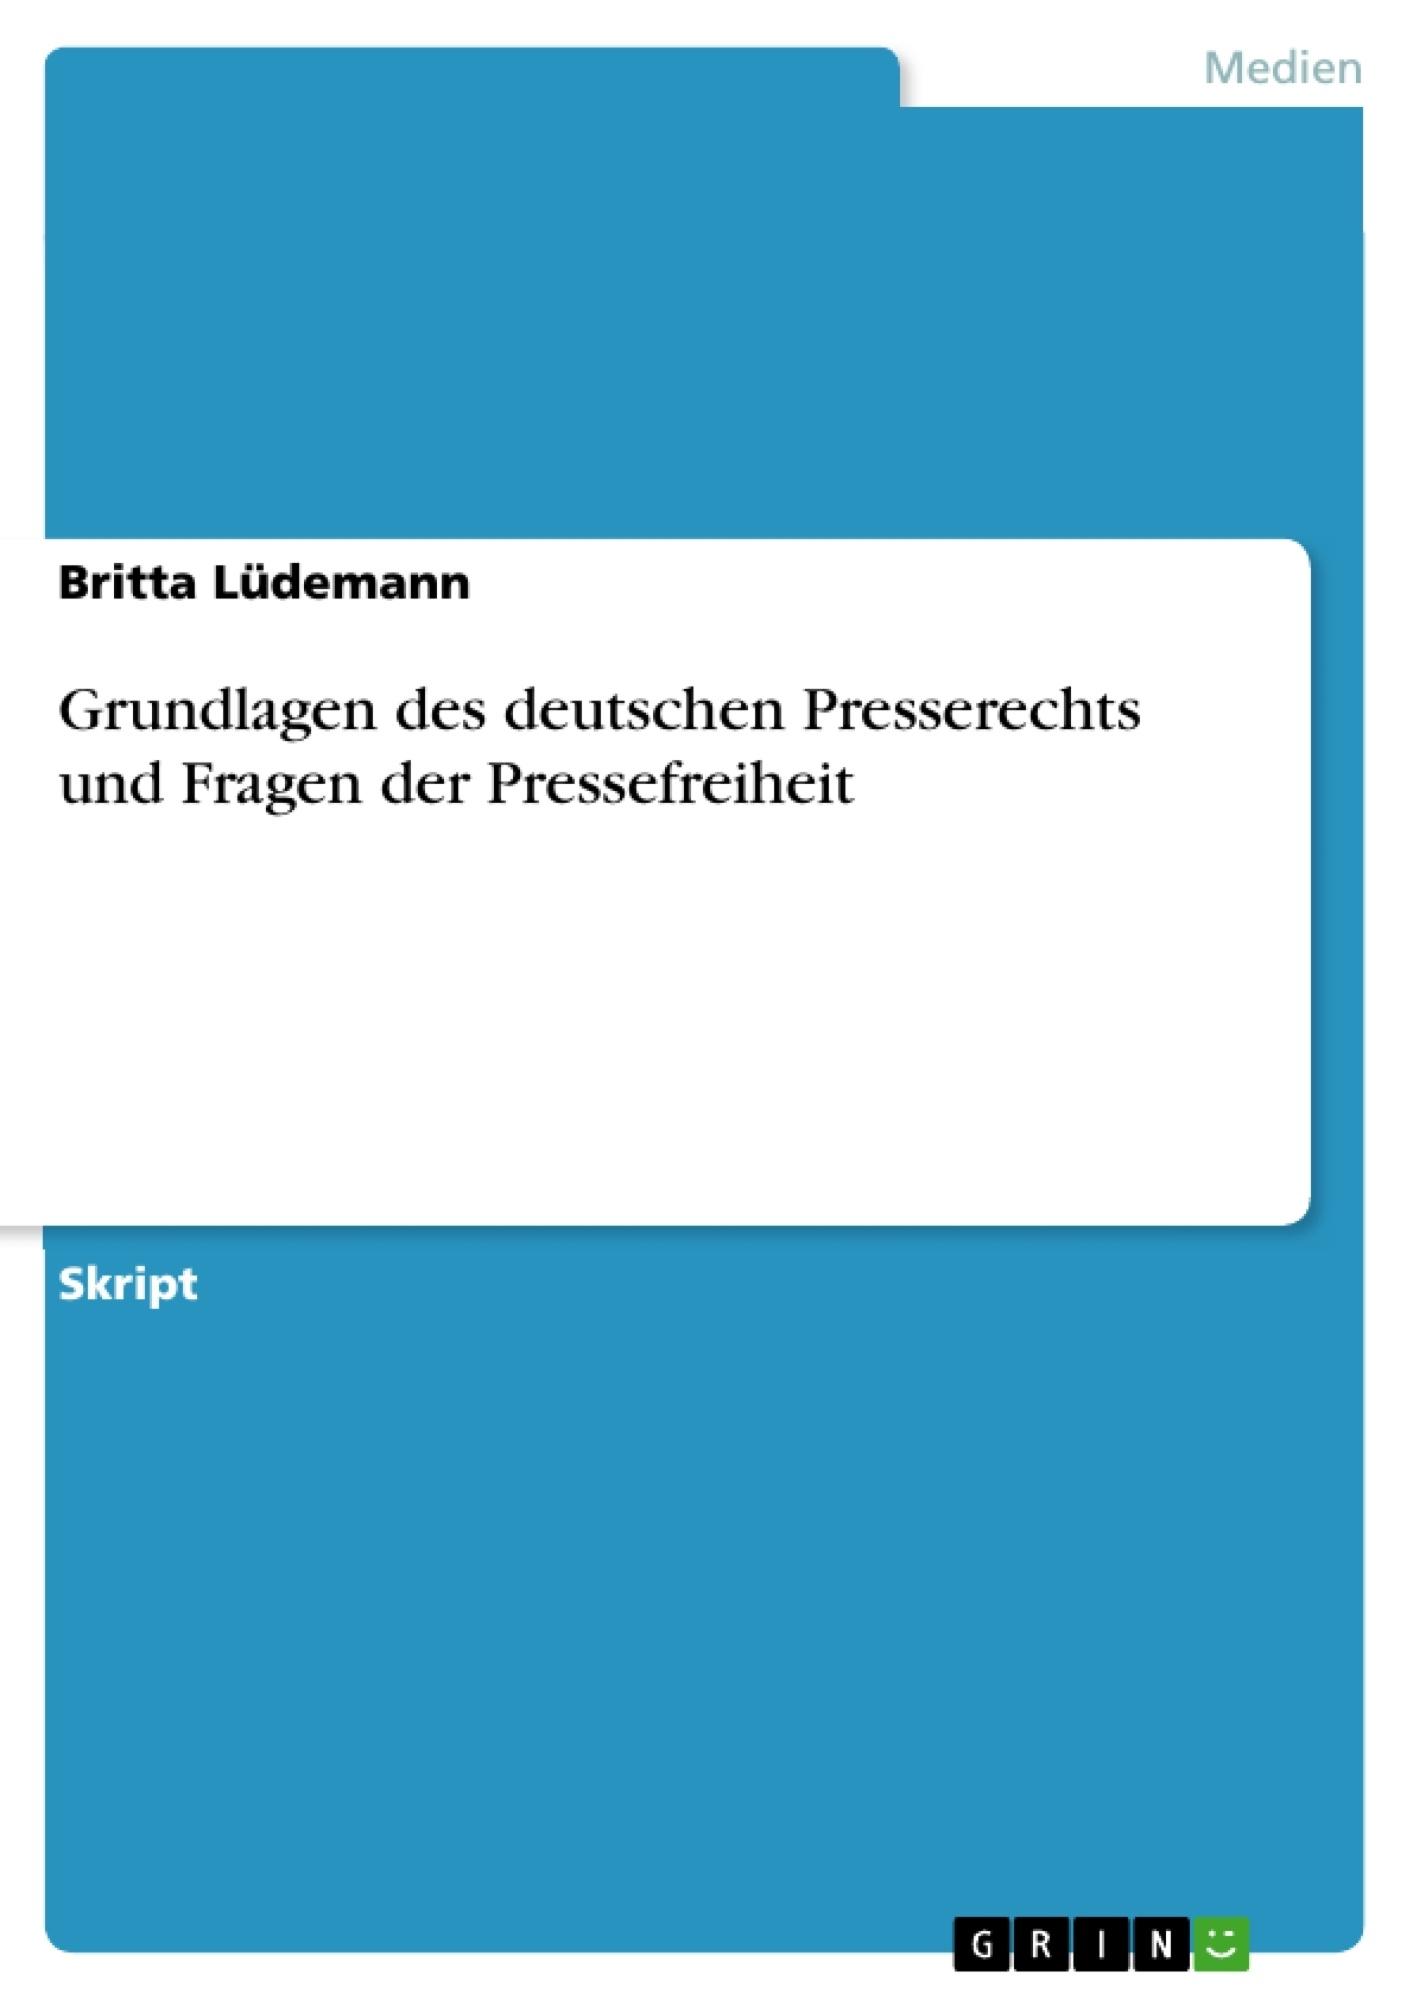 Titel: Grundlagen des deutschen Presserechts und Fragen der Pressefreiheit